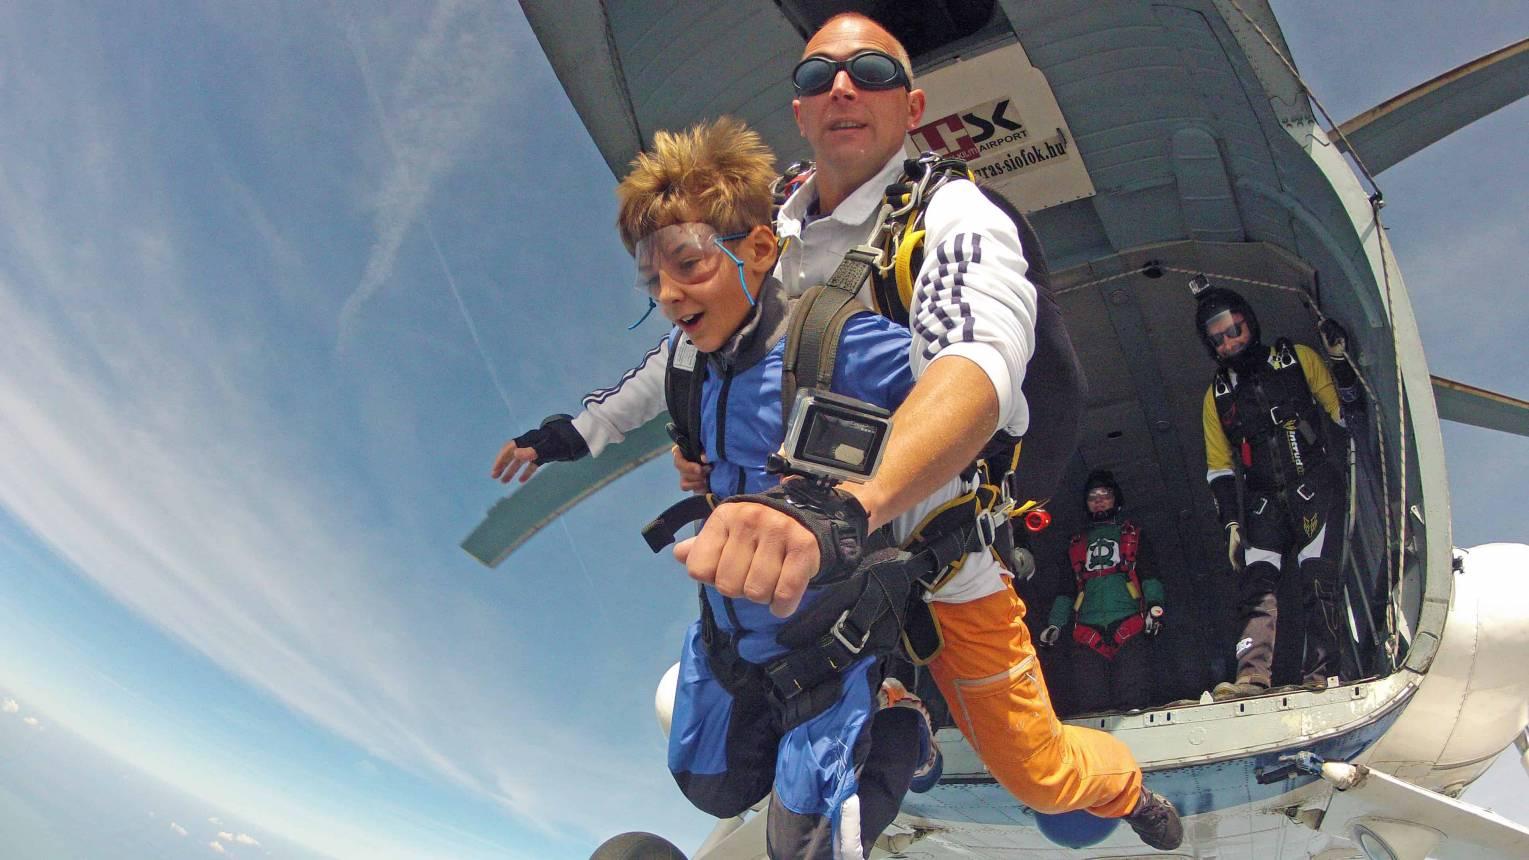 Ejtőernyős tandemugrás 4000 méterről helikopterből